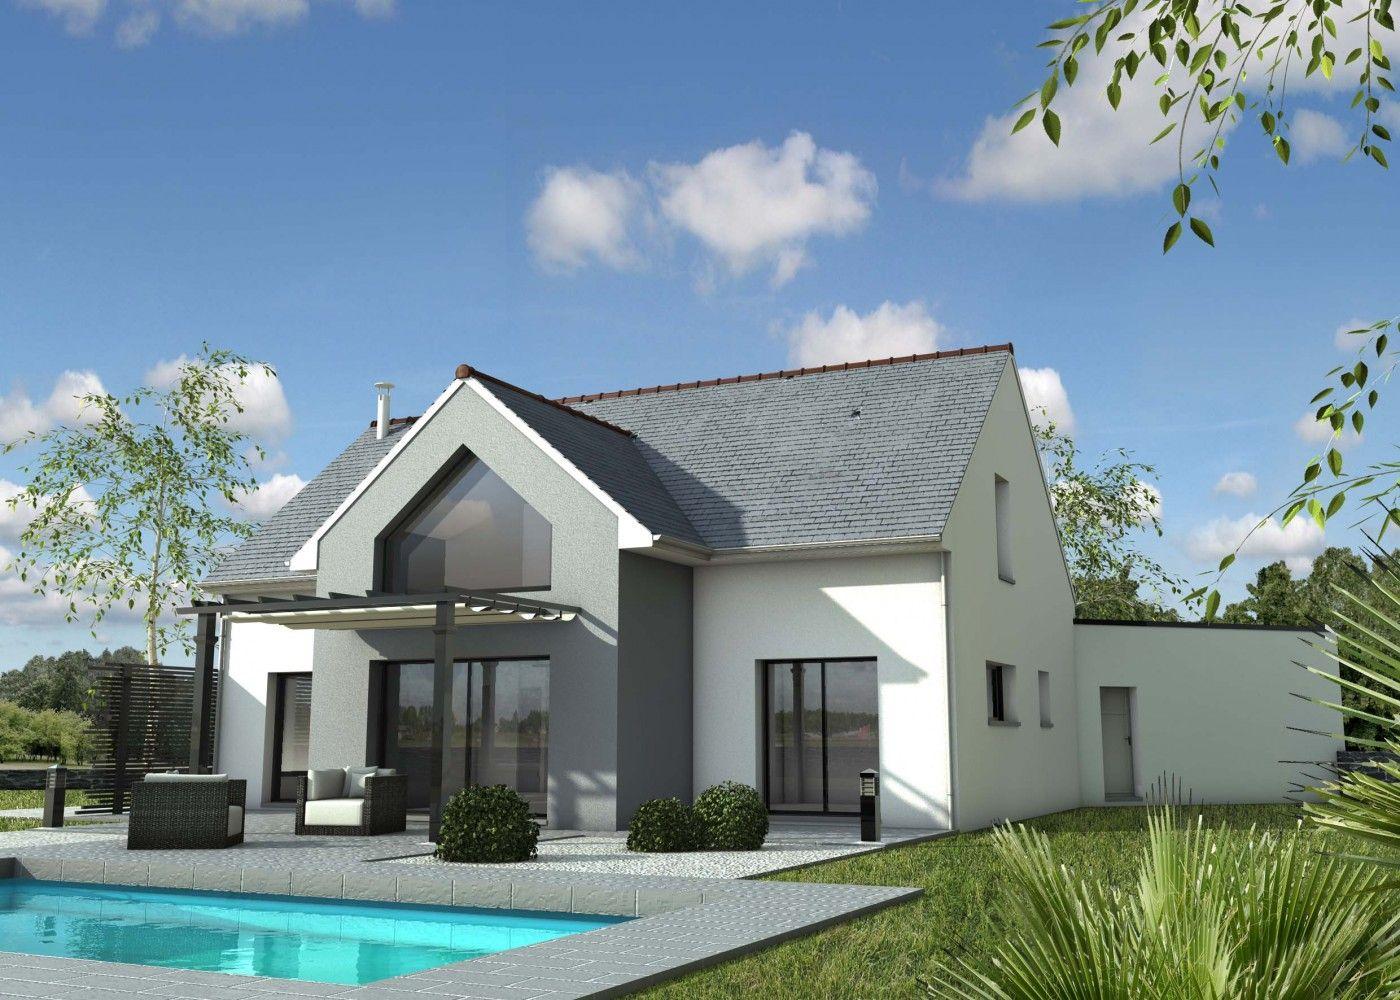 constructeur maison traditionnelle carquefou loire atlantique 44 depreux construction houses. Black Bedroom Furniture Sets. Home Design Ideas